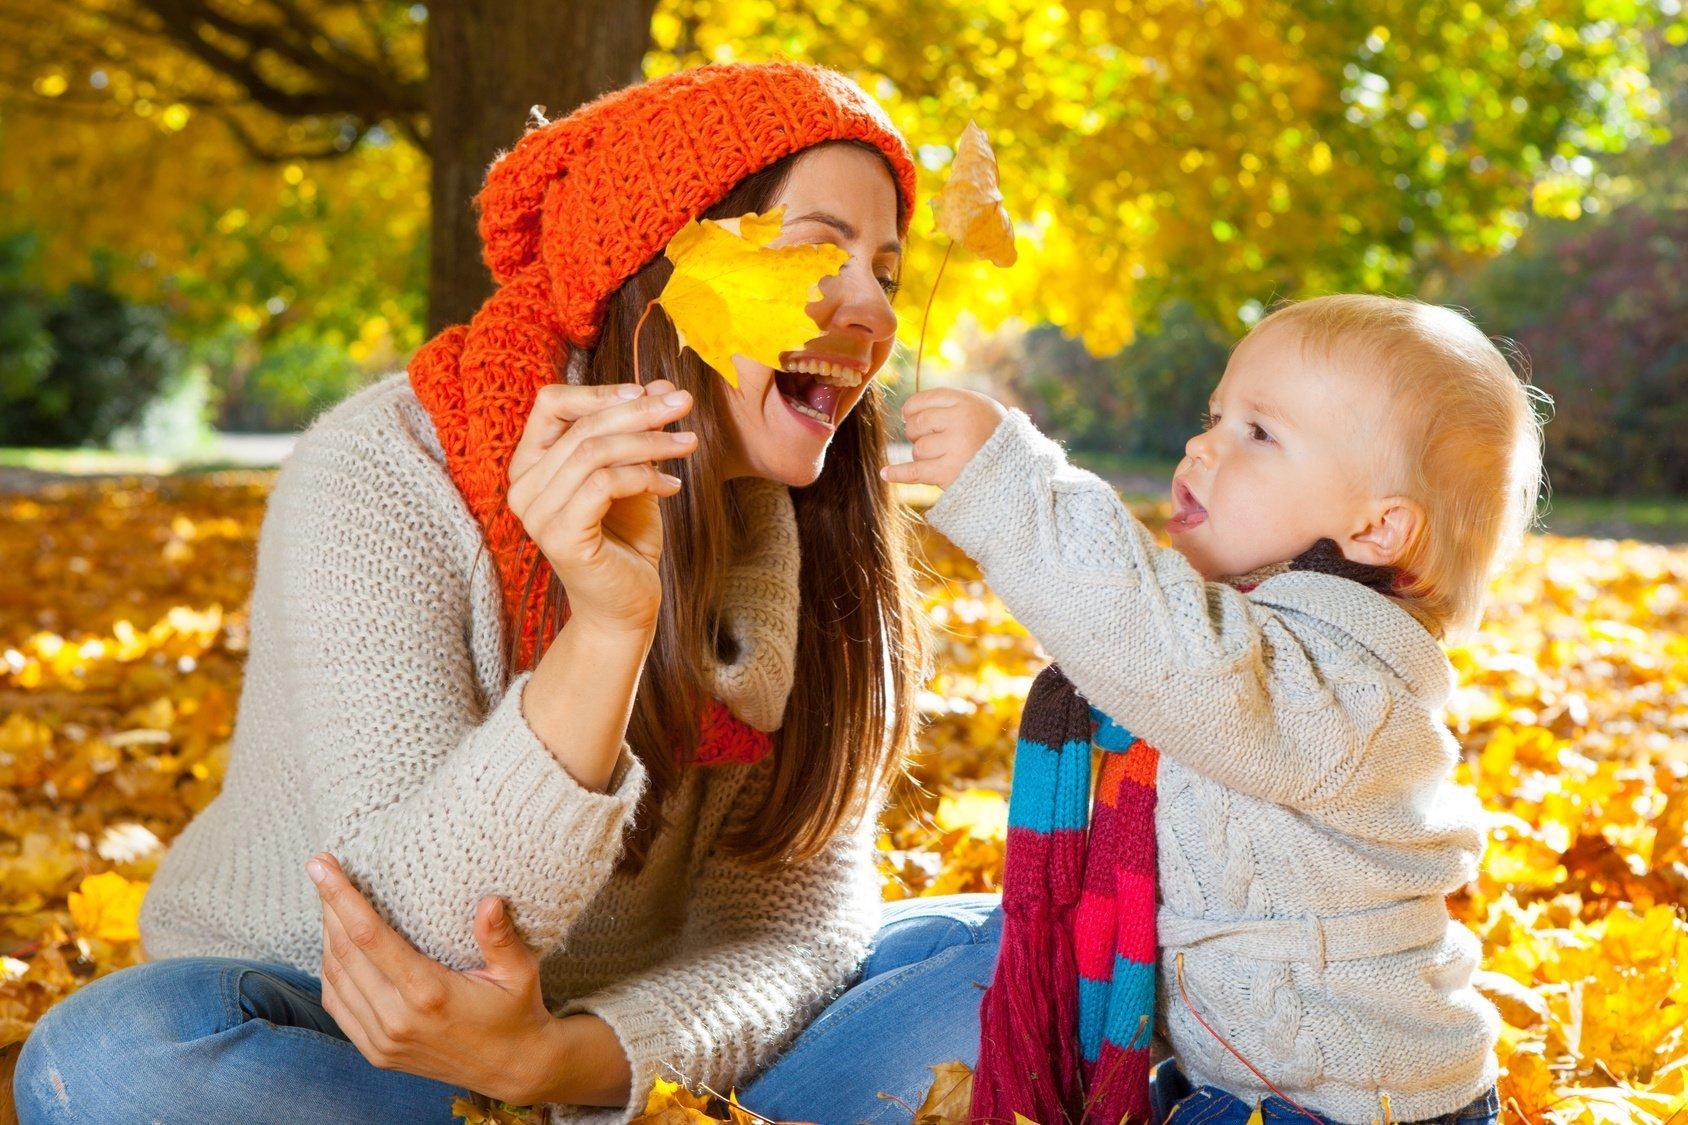 мировое соглашение о порядке общения с ребенком